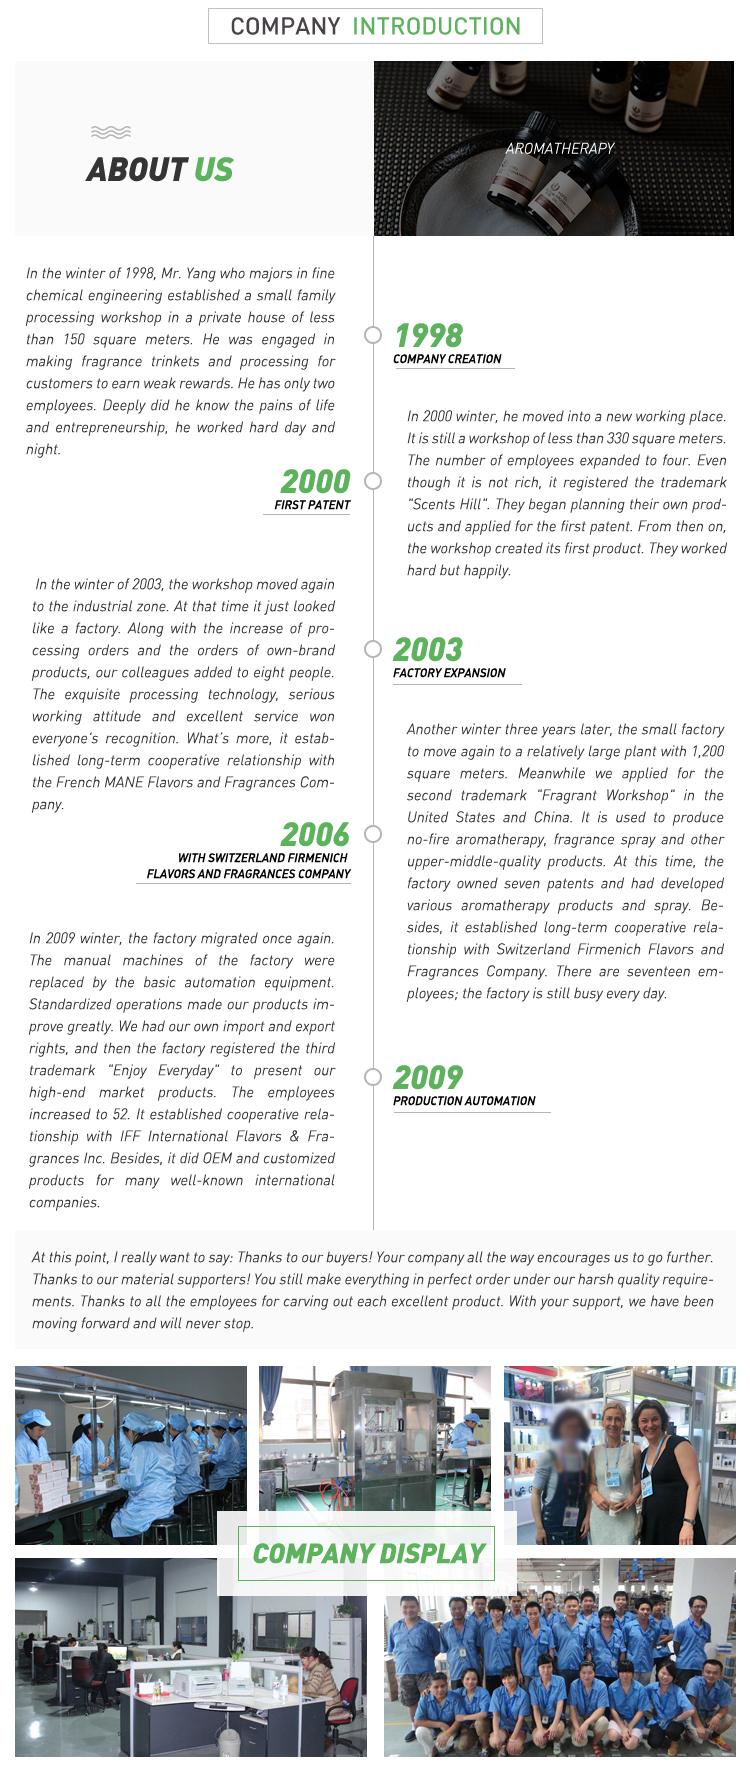 2020 Nội Thất Sang Trọng Nhà Hương Thơm Hữu Cơ Tinh Dầu, Hương Thơm Tự Nhiên Sậy Khuếch Tán Chai, Bán Buôn Khuếch Tán Bộ Quà Tặng Làm Mát Không Khí